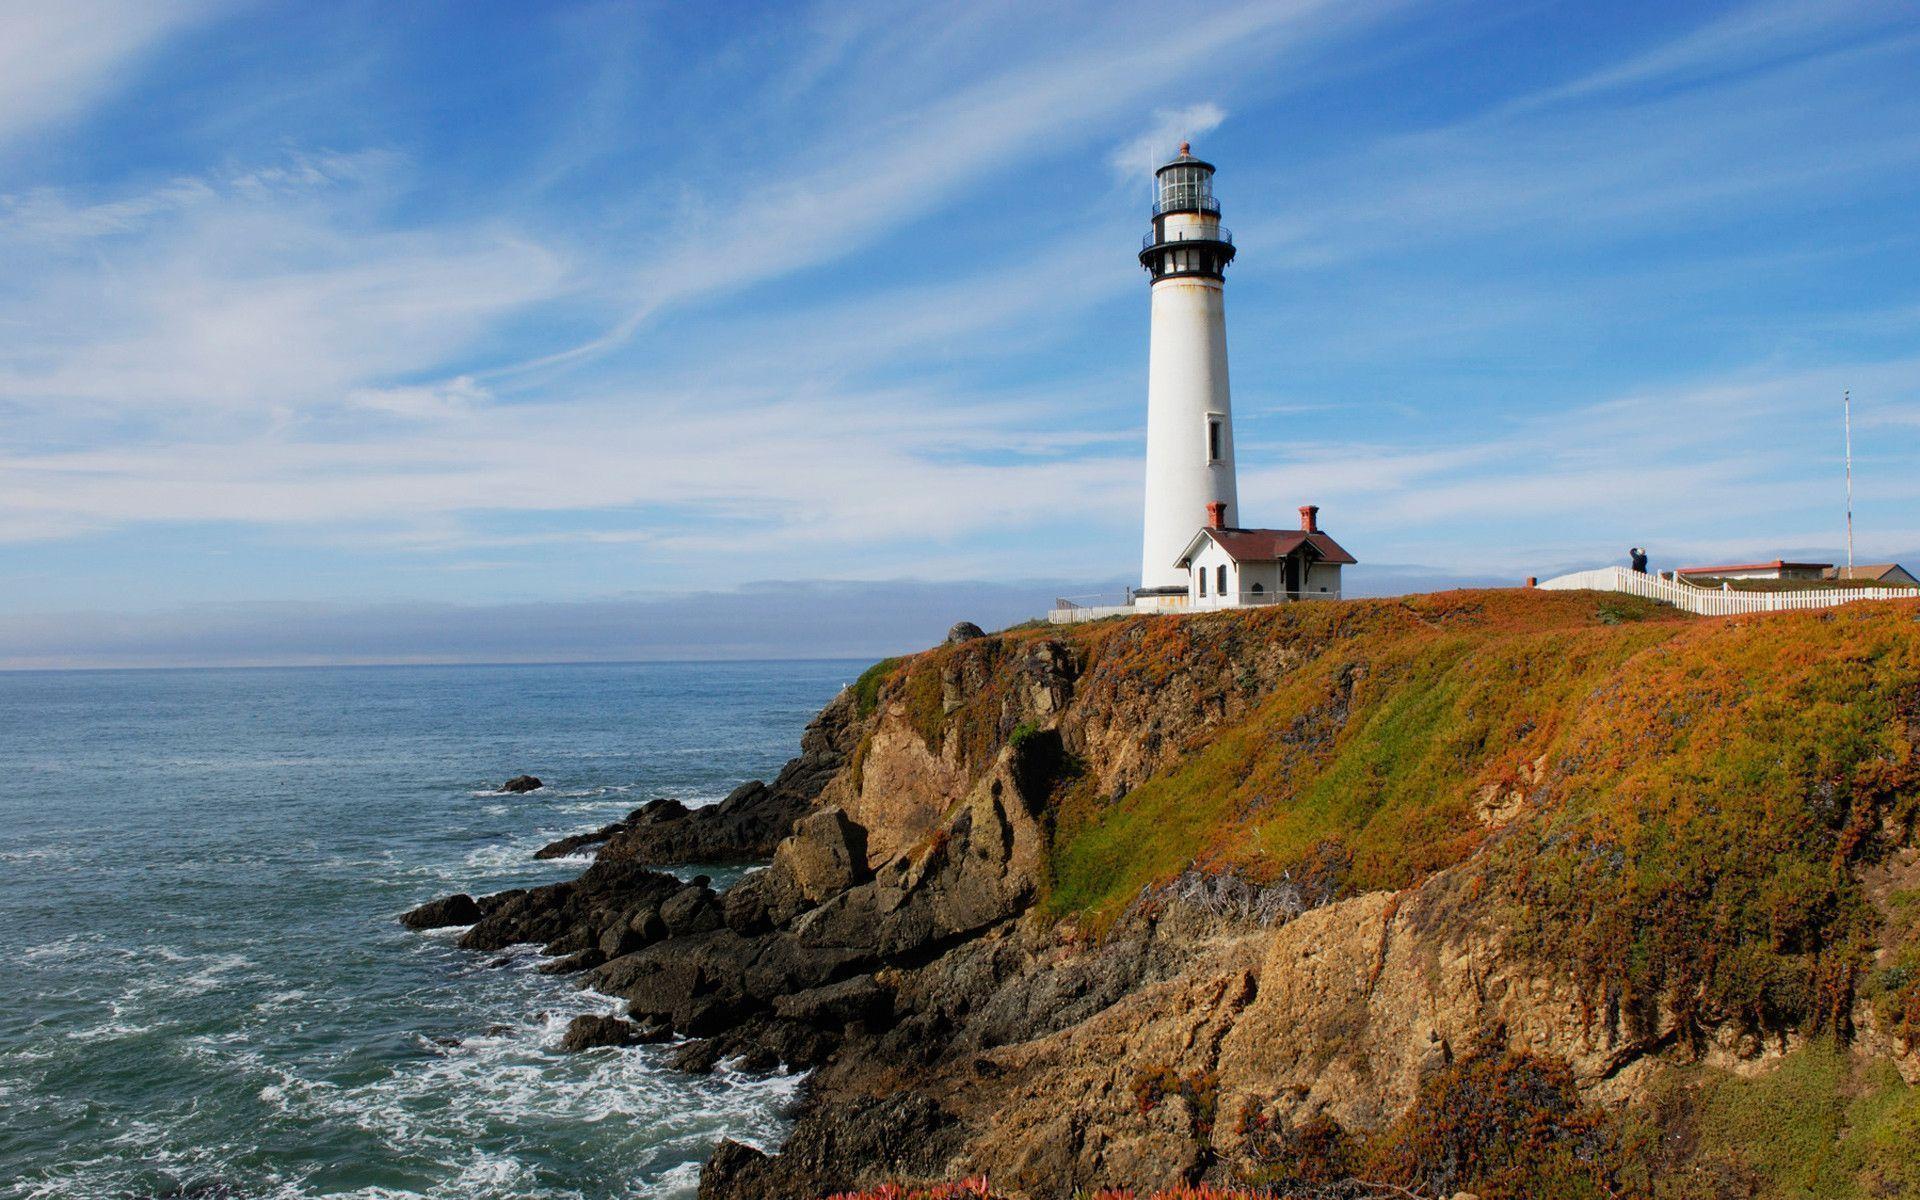 lighthouse desktop wallpaper 7900 - photo #7